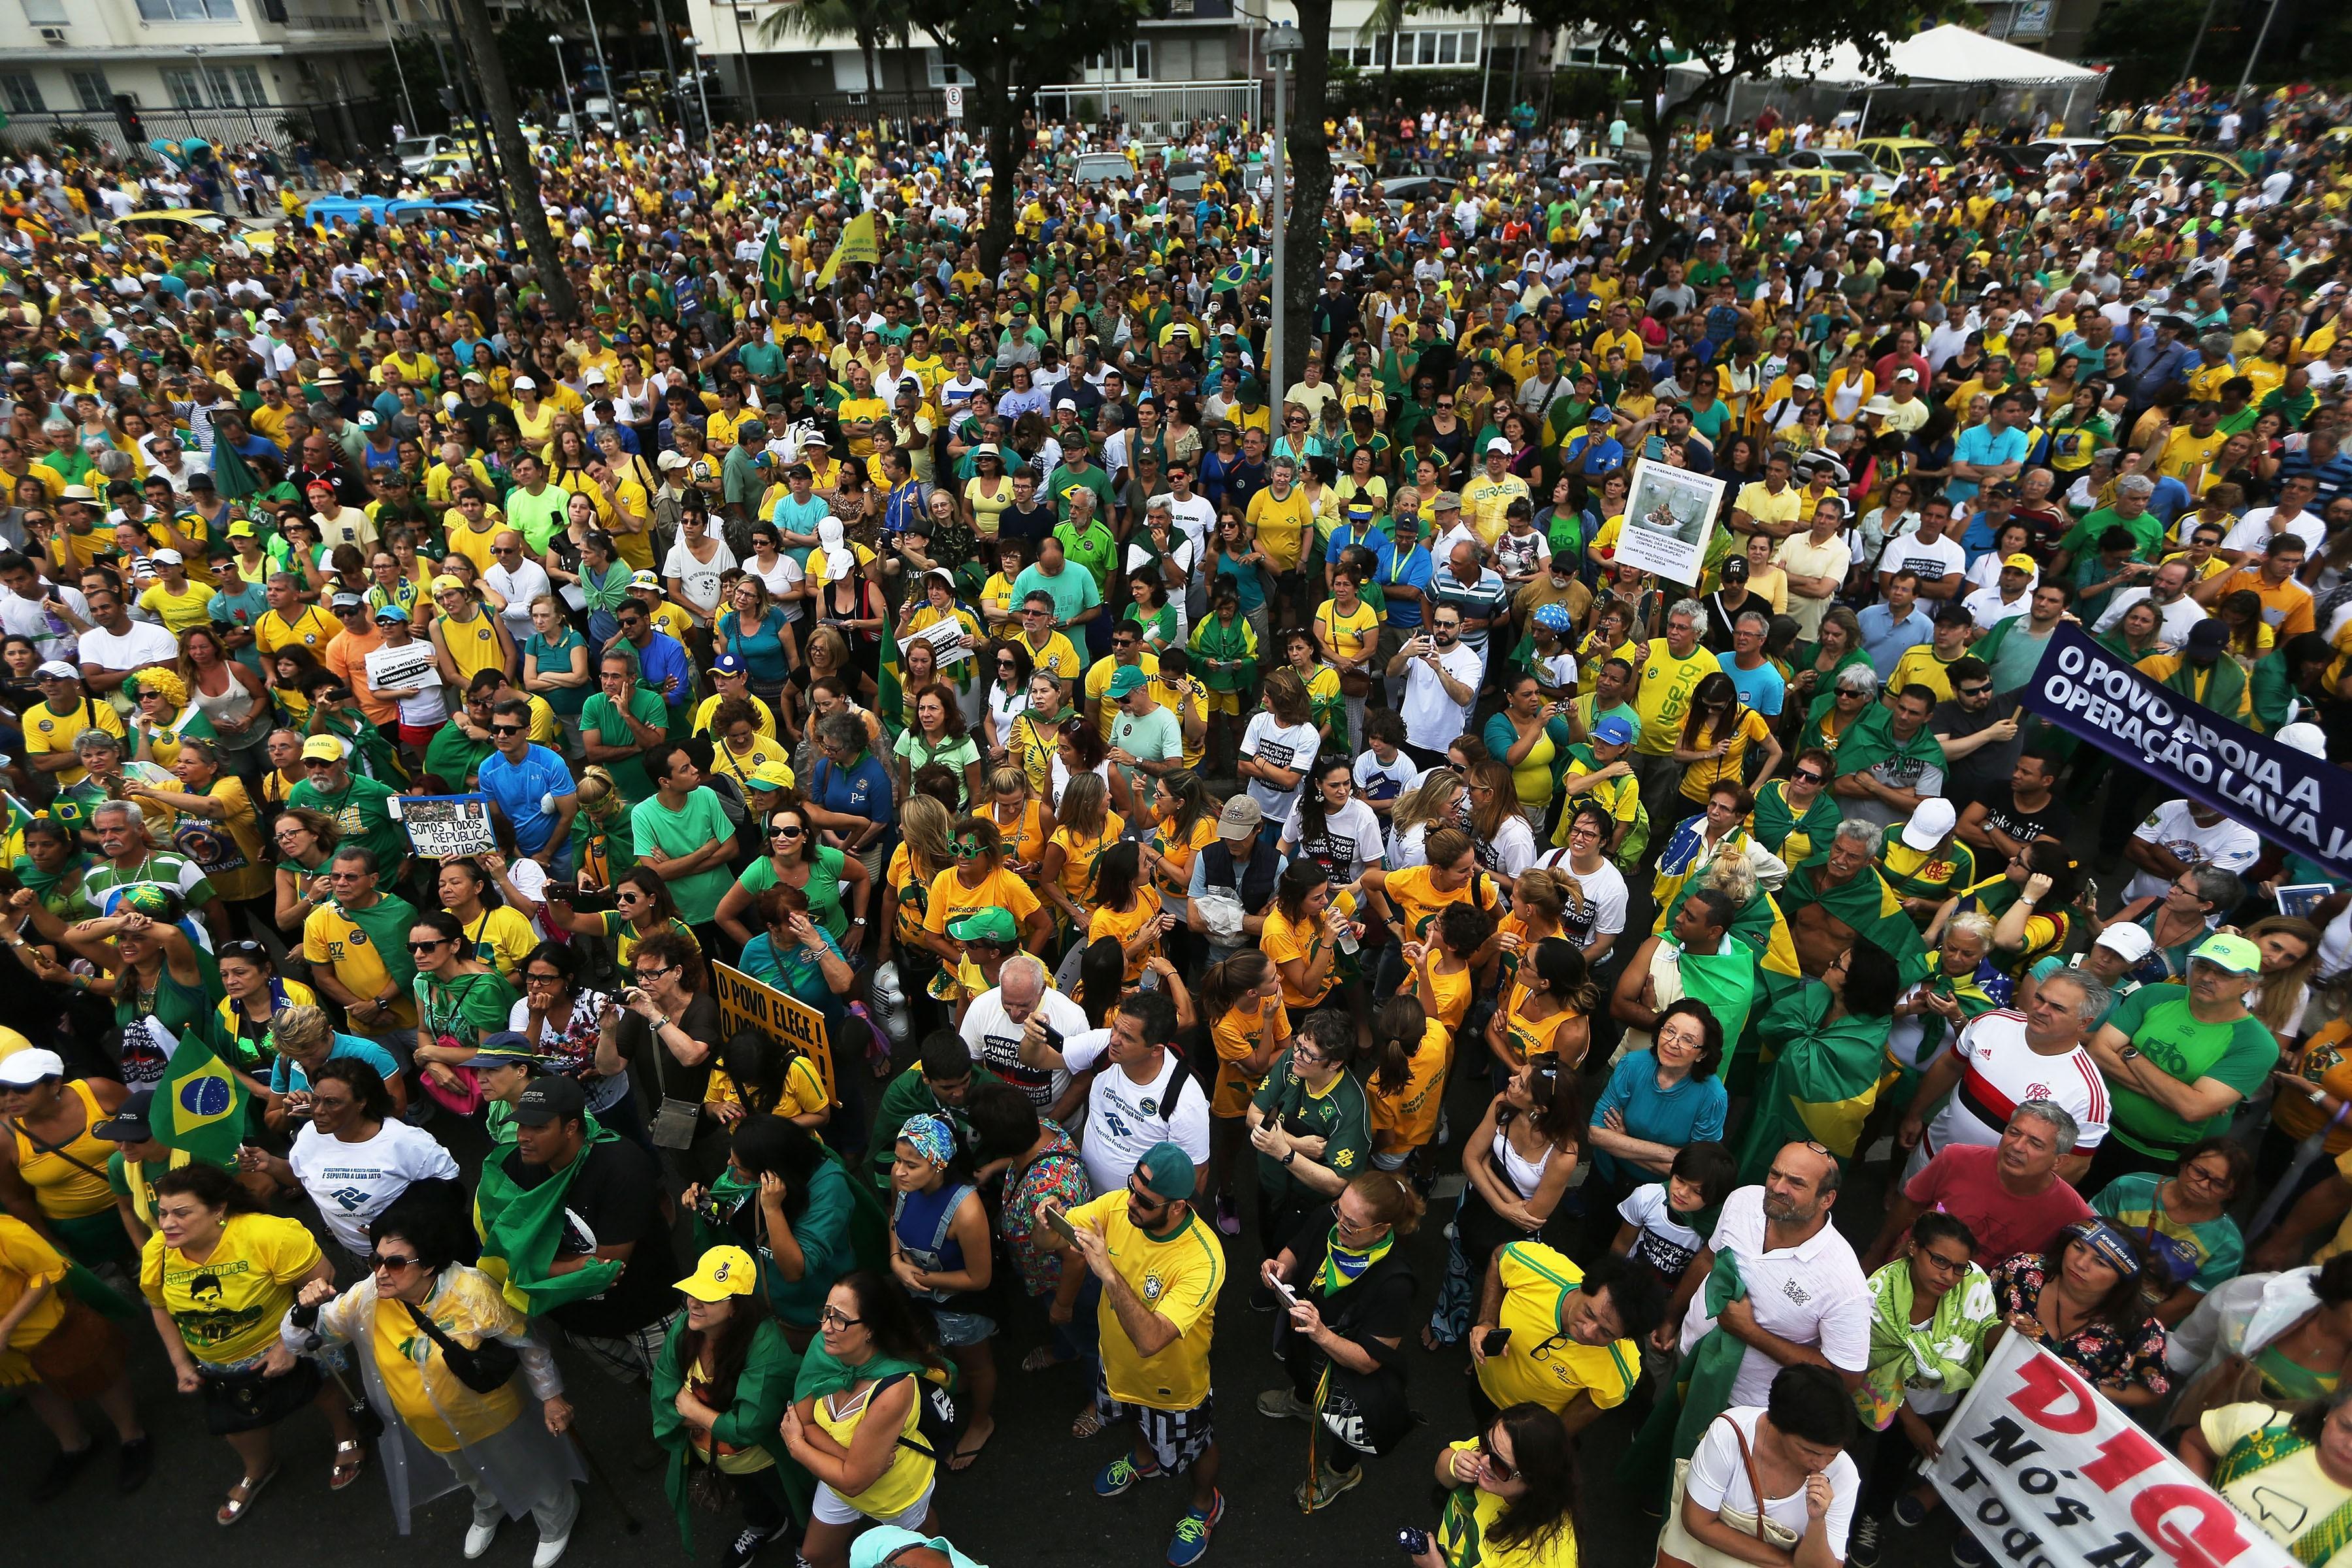 """""""Fui manisfestação e lá não aconteceu nada. Ele estava de amarelo, tem as características, mas eu quero que seja um caso isolado"""", diz Ana (Foto: Getty Images)"""